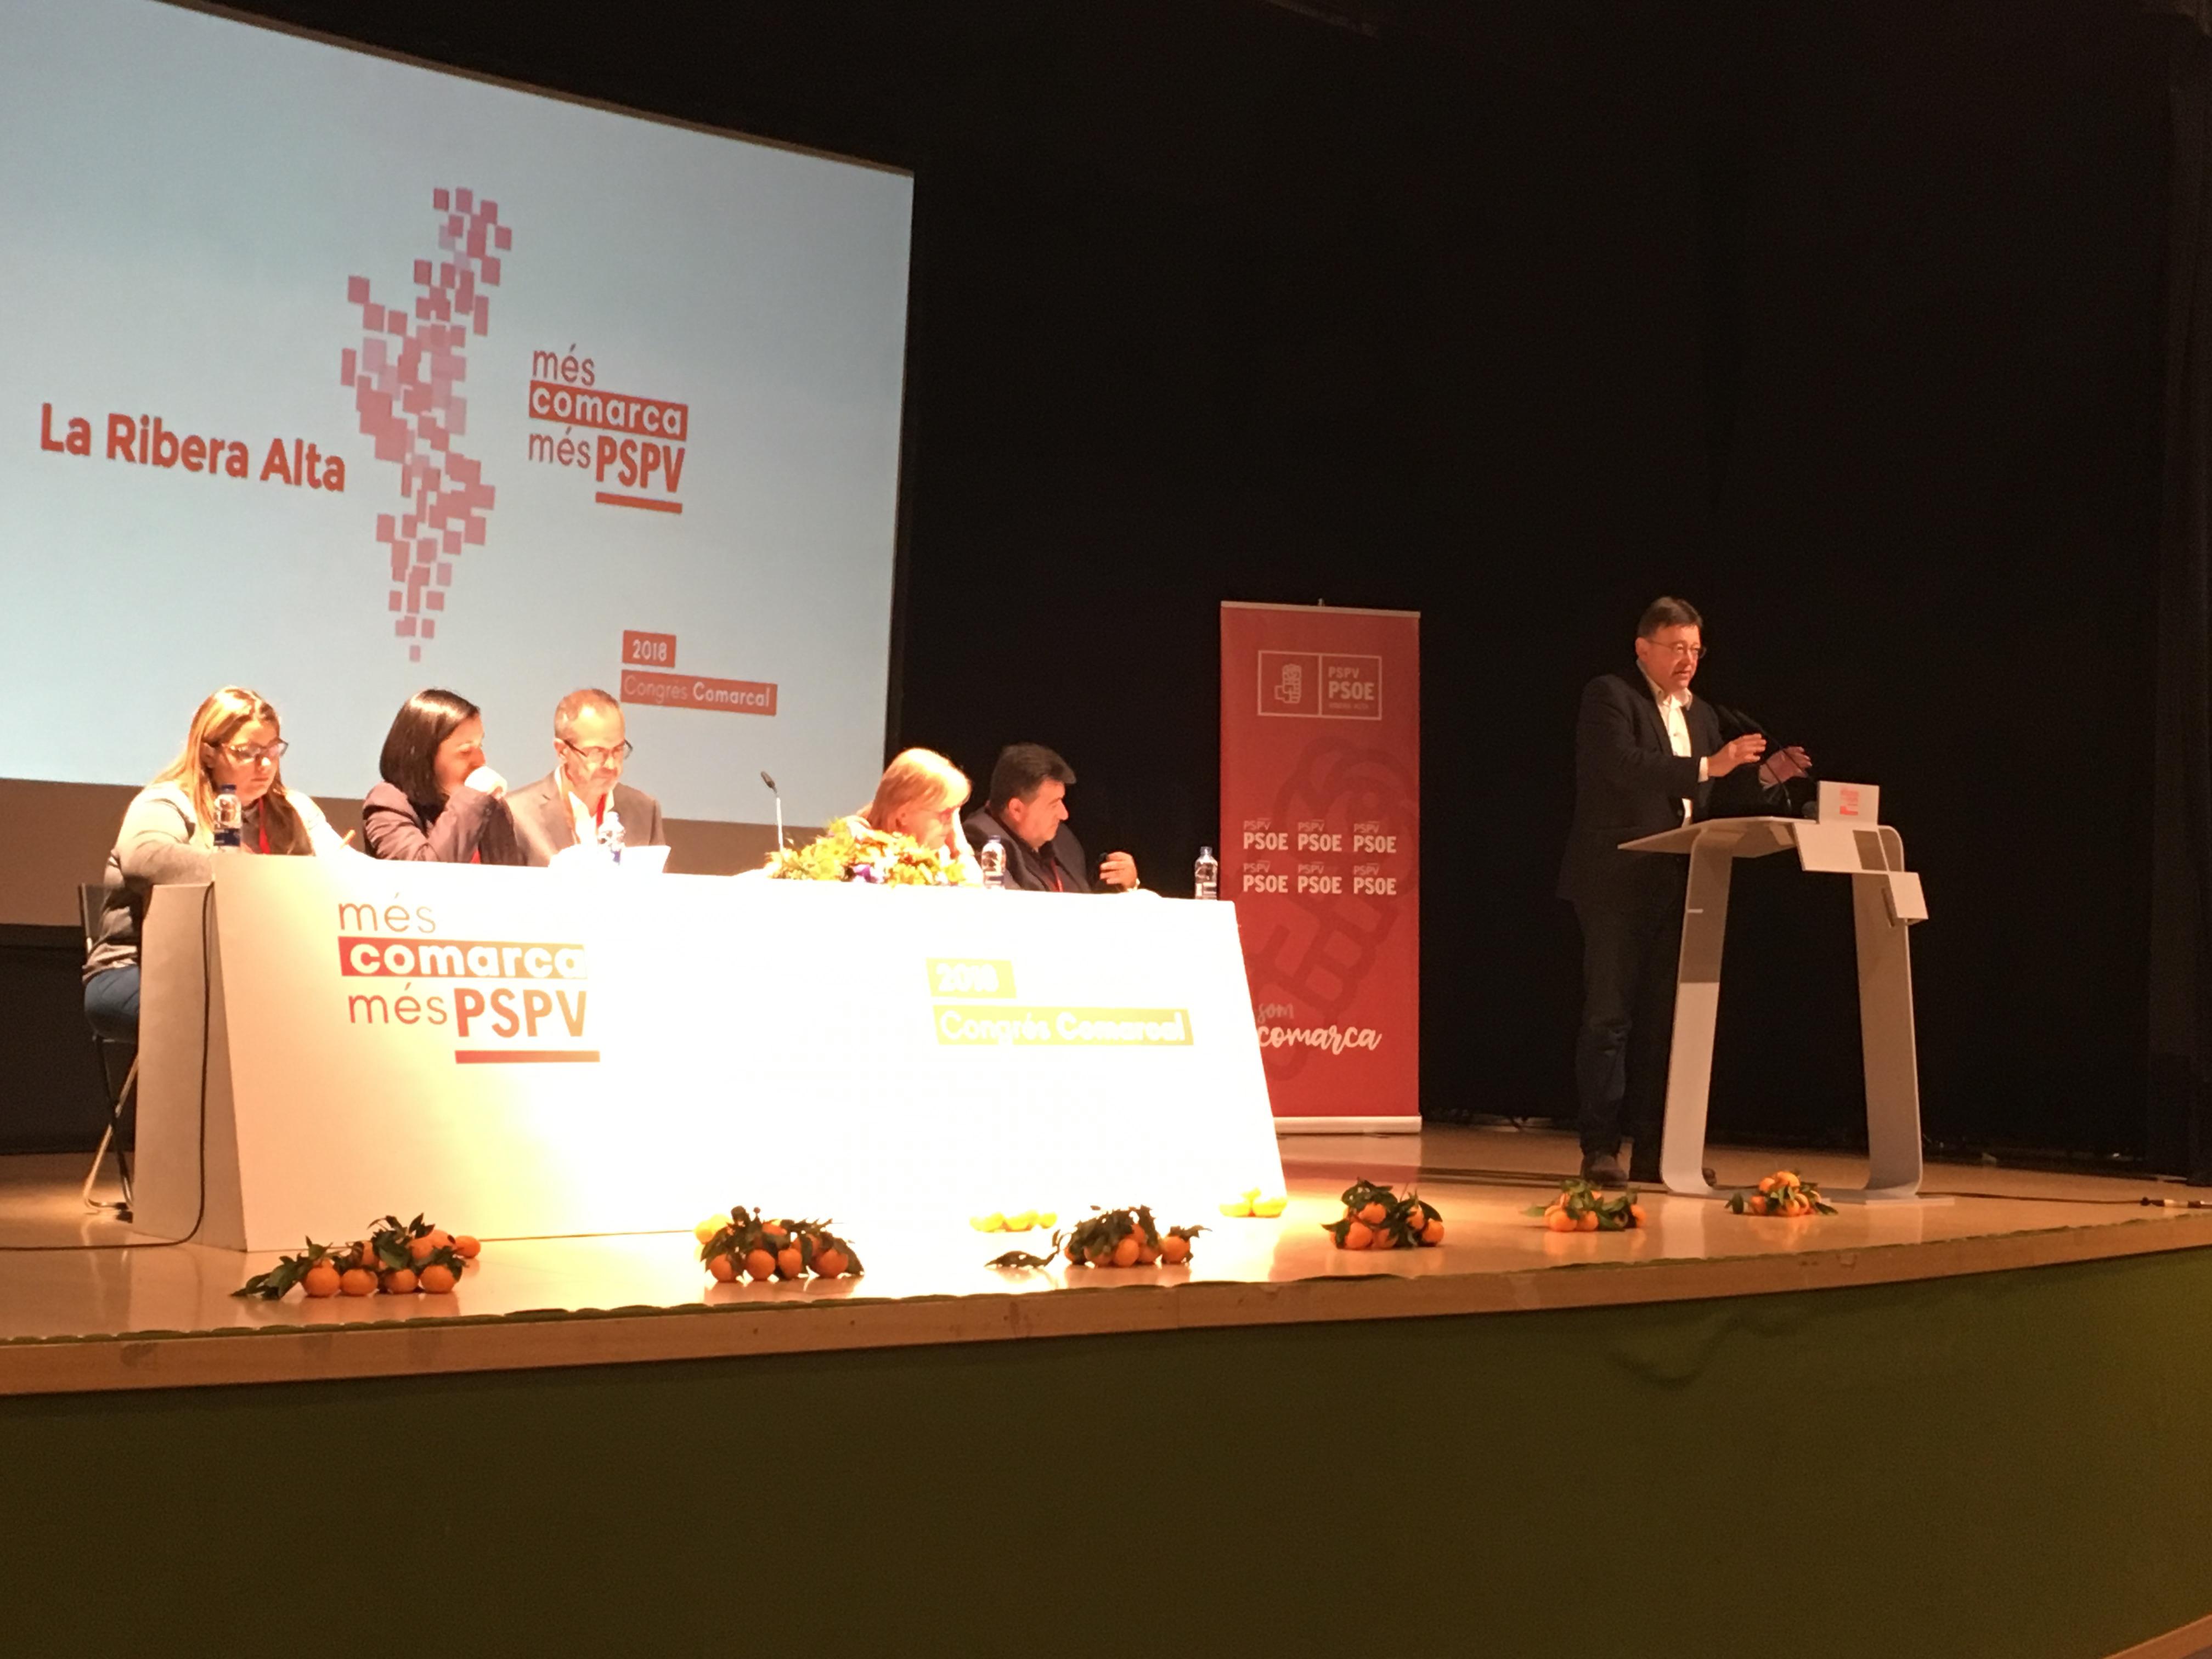 Durante su intervención el líder de los socialistas valencianos ha dado la enhorabuena a la nueva ejecutiva así como a su recién nombrada secretaria general Neus Garrigas.